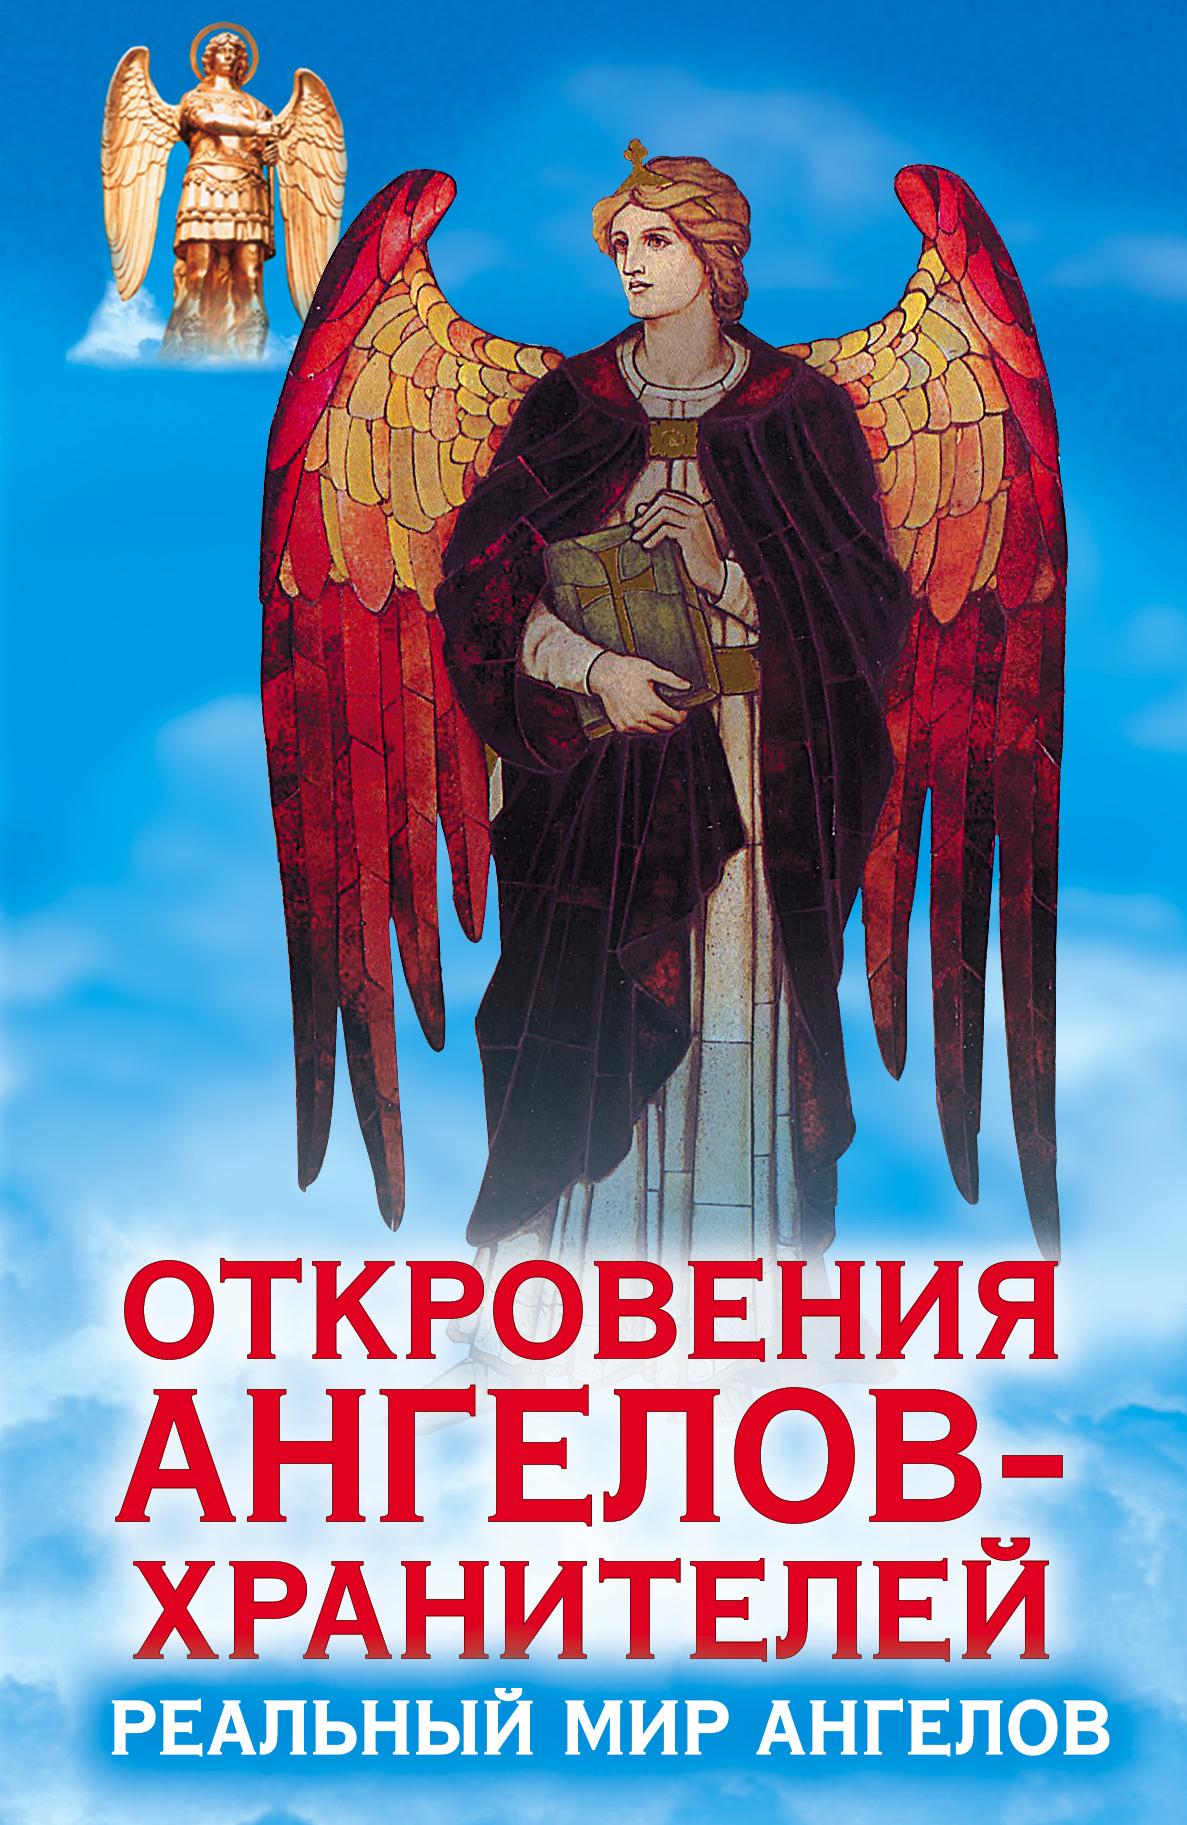 Гарифзянов Р.И. Откровения Ангелов-Хранителей. Реальный мир Ангелов и с нашествие ангелов книга 1 последние дни